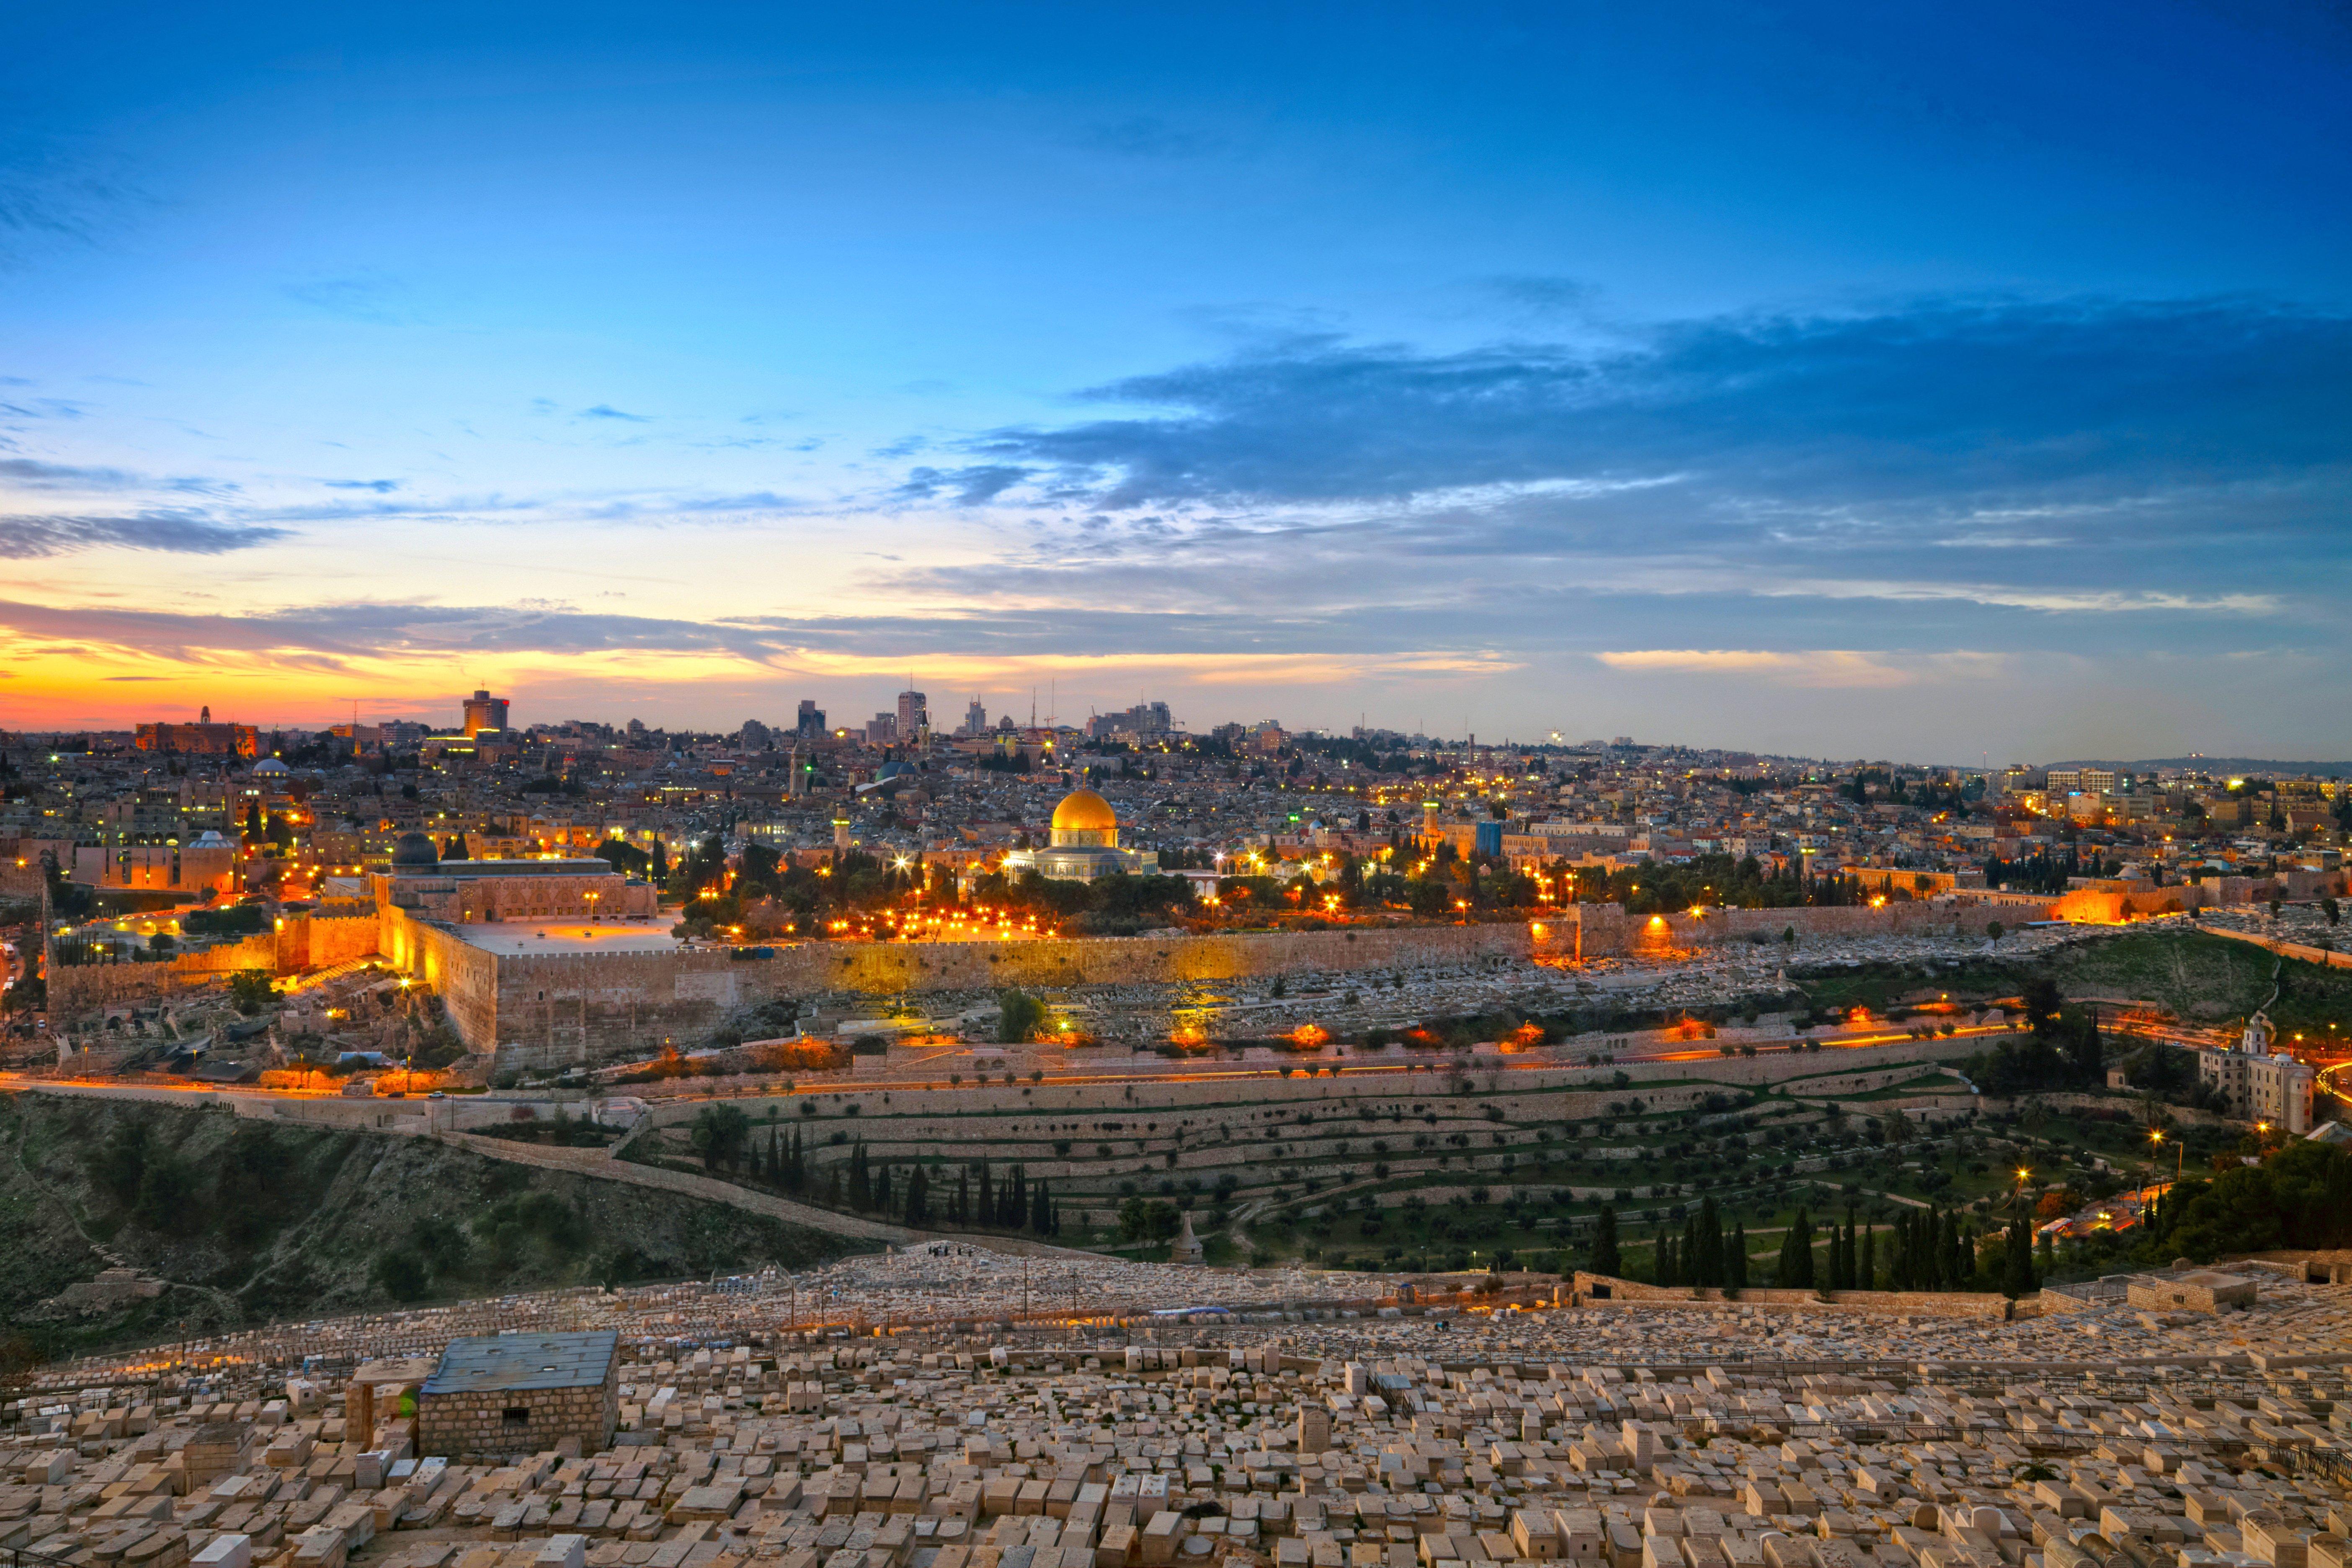 современные израиль город ночью фотографии что того